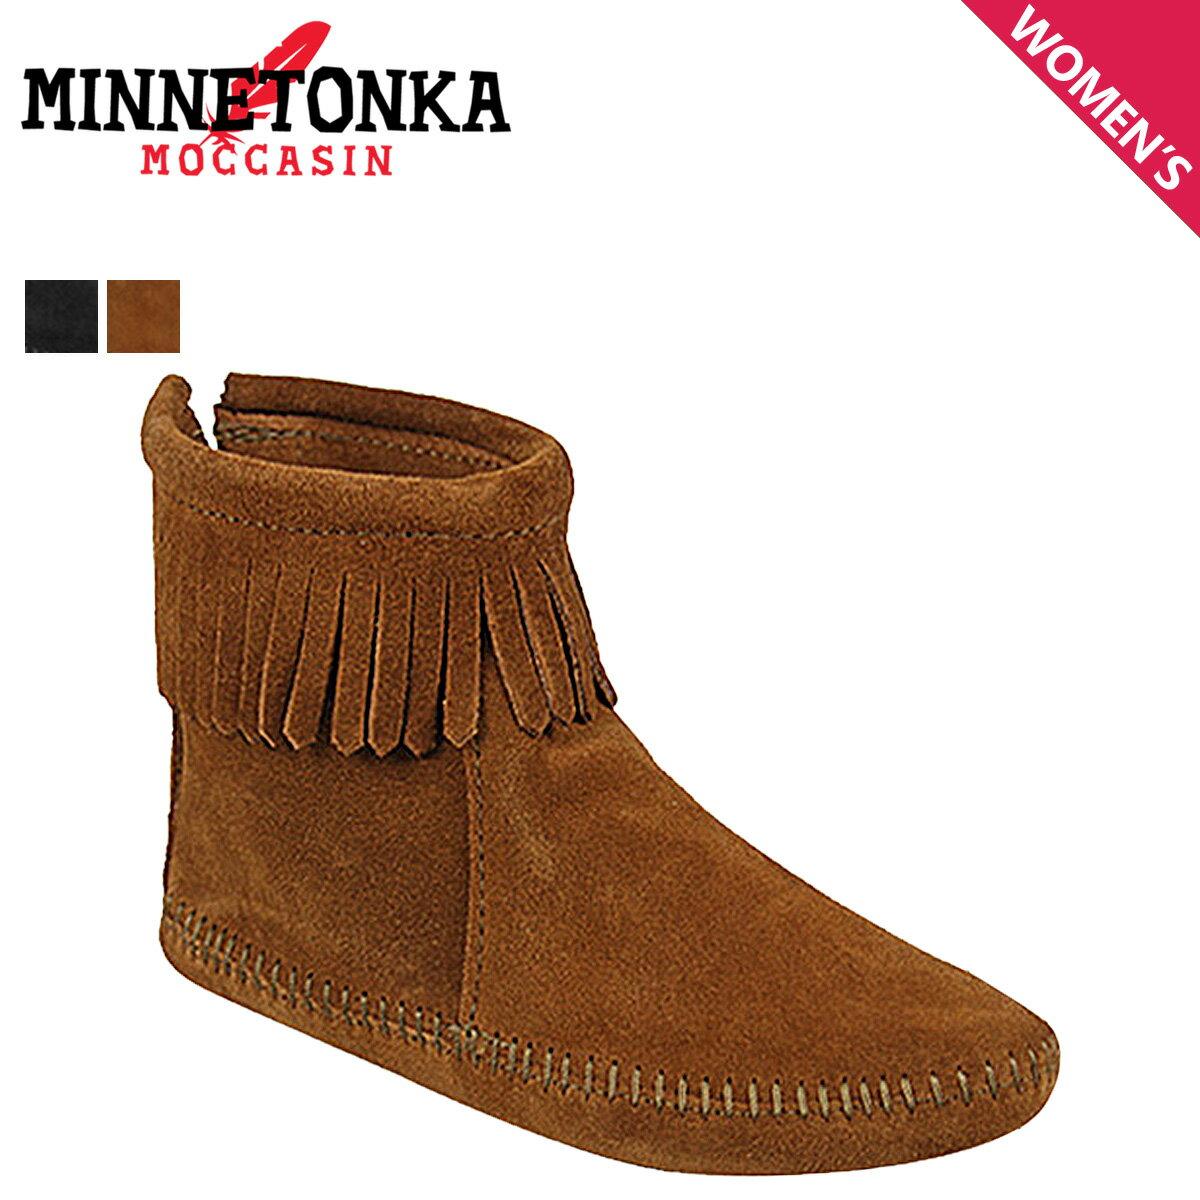 MINNETONKA ミネトンカ バック ジッパー ブーツ ソフトソール BACK ZIPPER BOOTS SOFT SOLE レディース